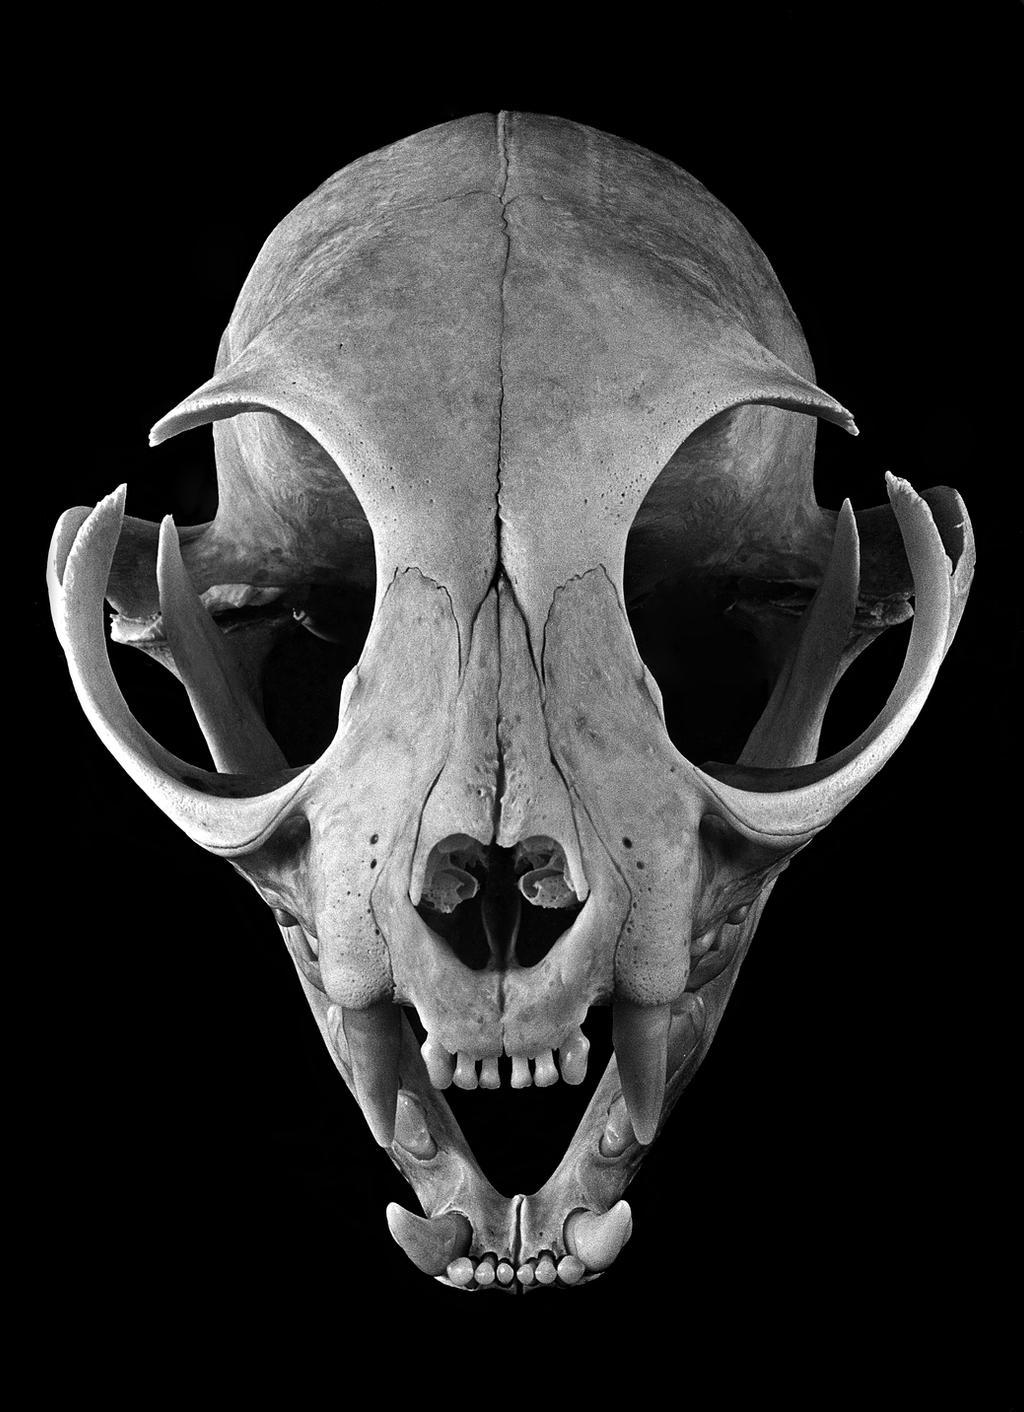 Feline Skull by Lymanjames on DeviantArt